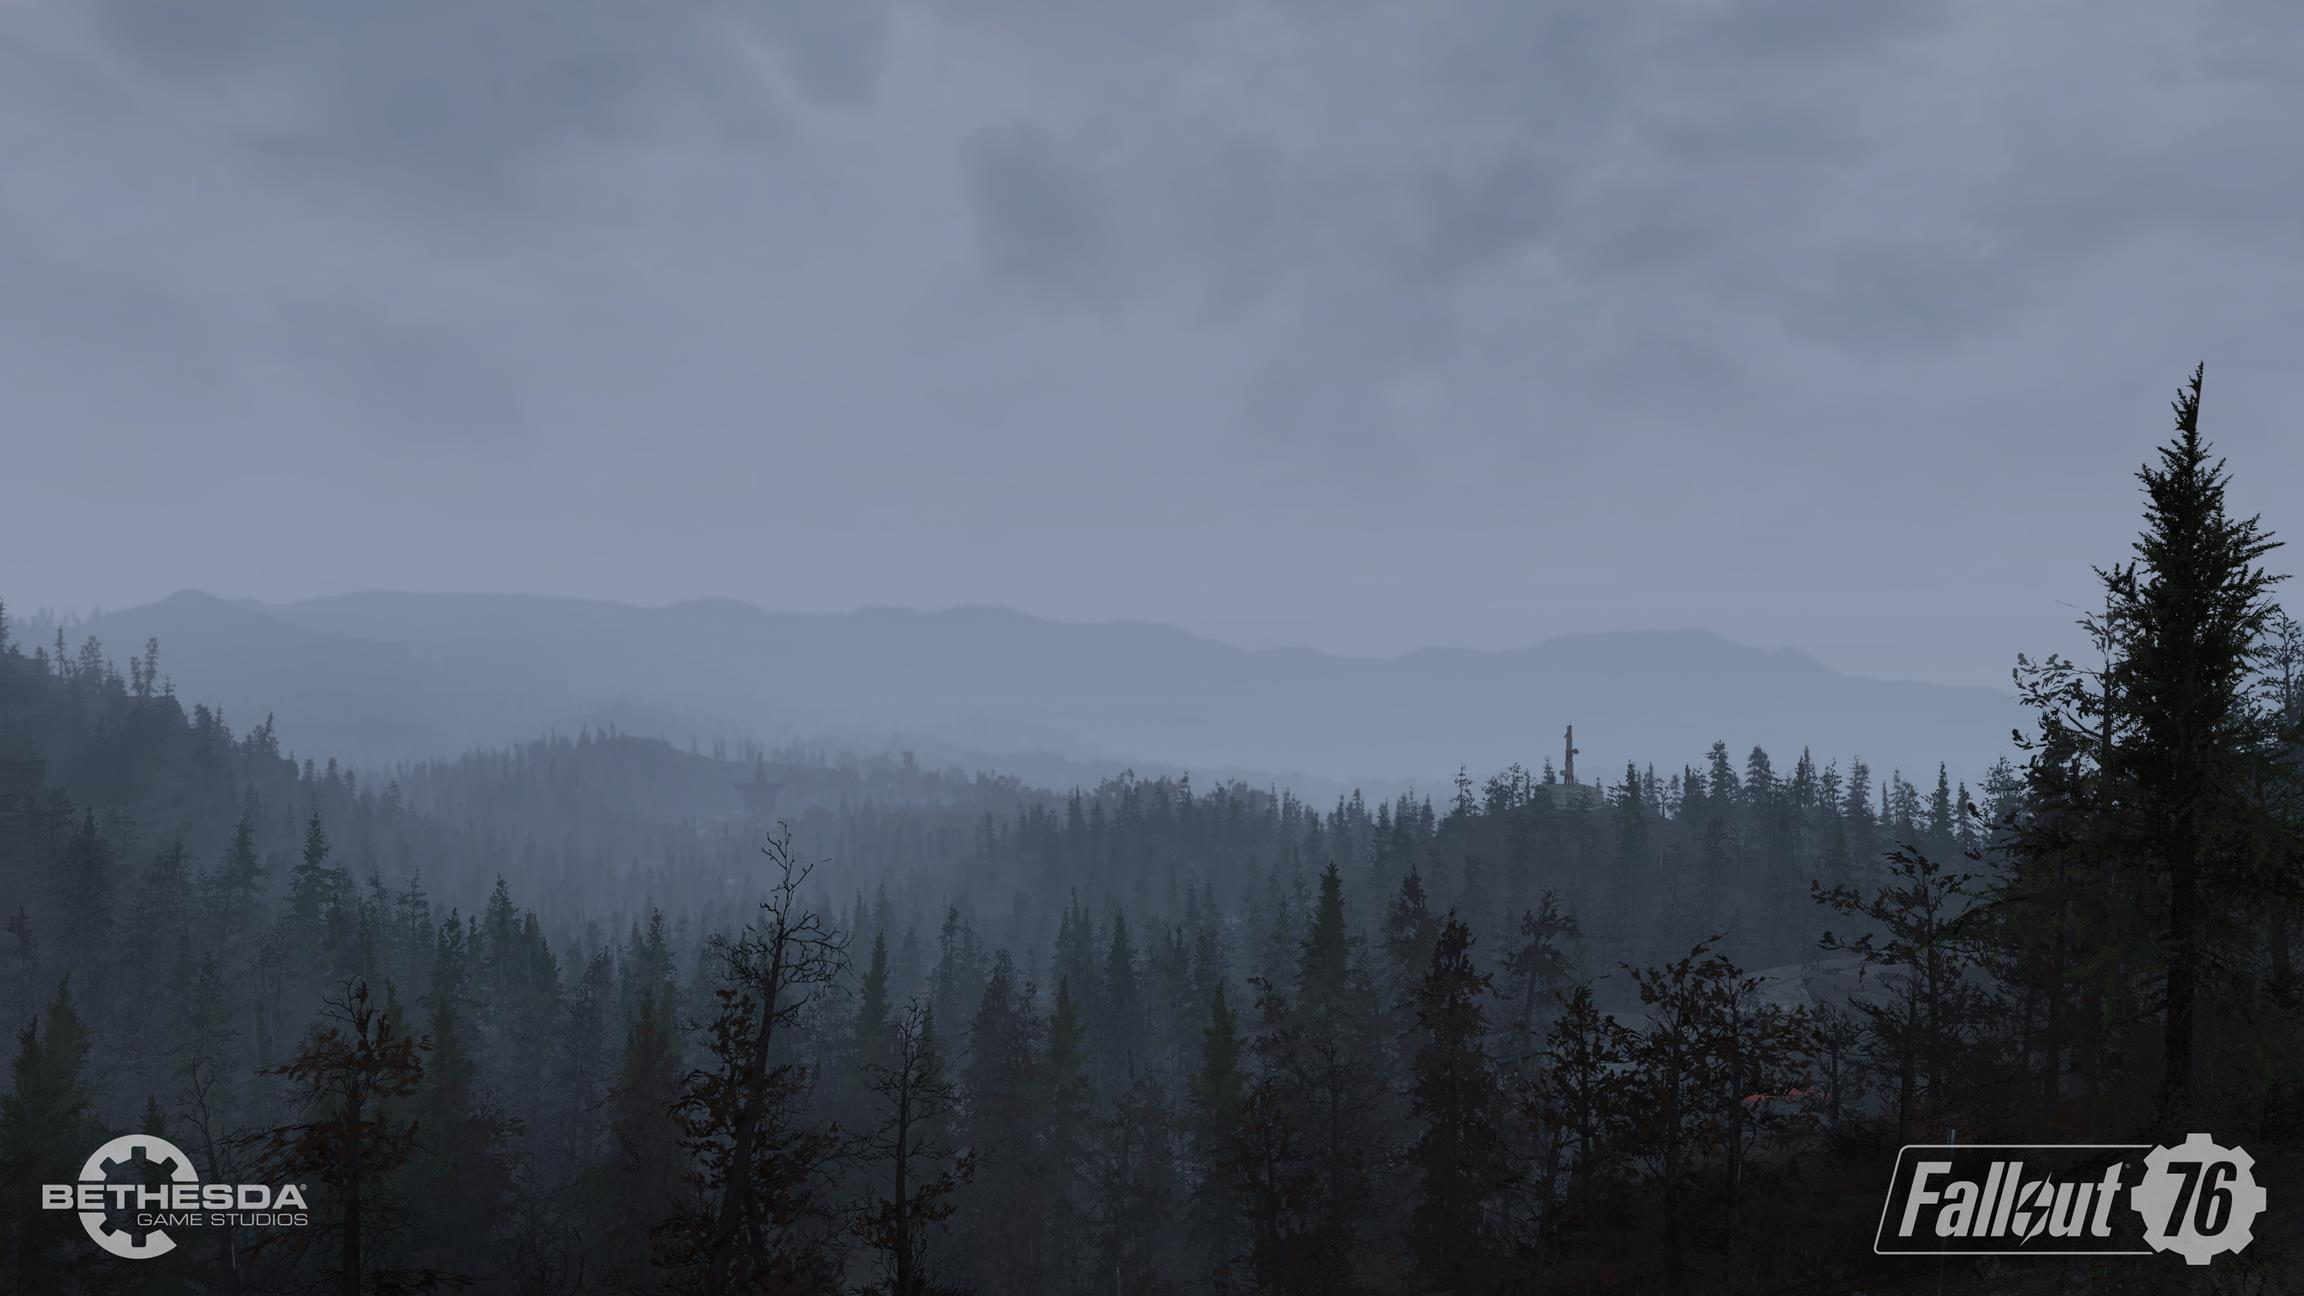 По случаю скорого начала бета-теста игры Fallout 76, намеченного на 30 октября, специалисты Radeon Technologies Group подготовили набор драйверов Radeon Software Adrenalin Edition 18.